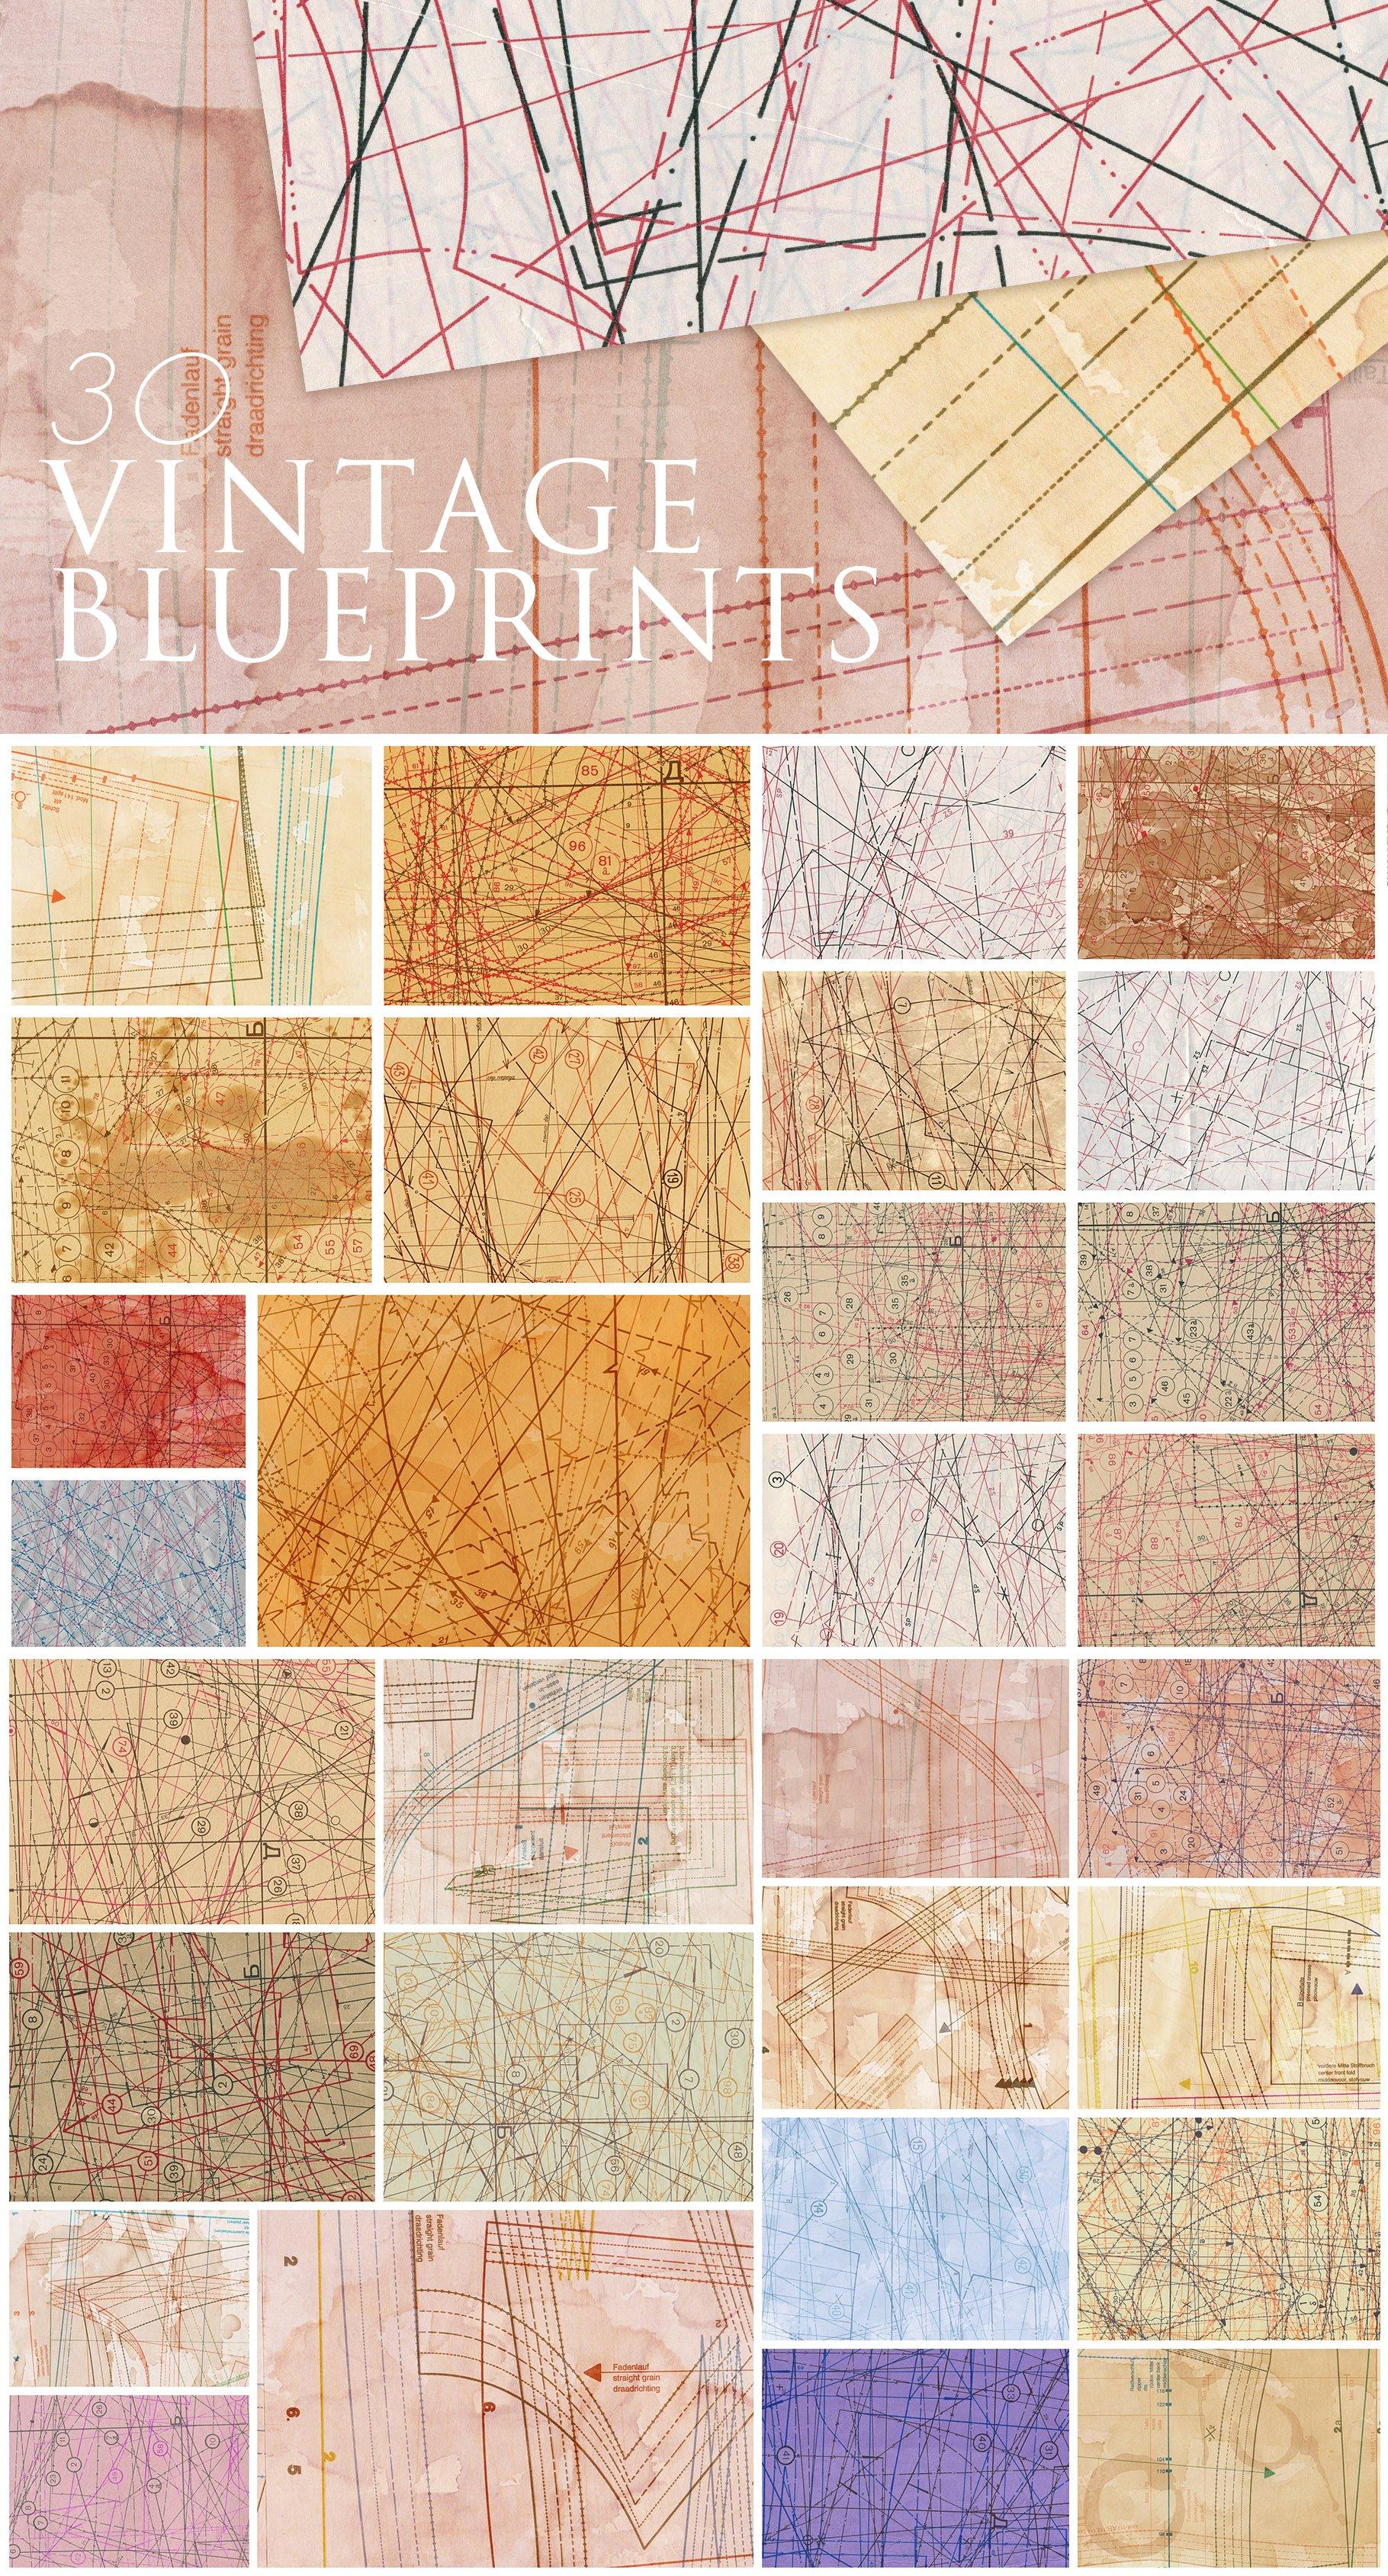 [单独购买] 60款潮流做旧粗糙图纸纹理海报设计背景底纹图片素材 Fabric Blueprint Textures插图2